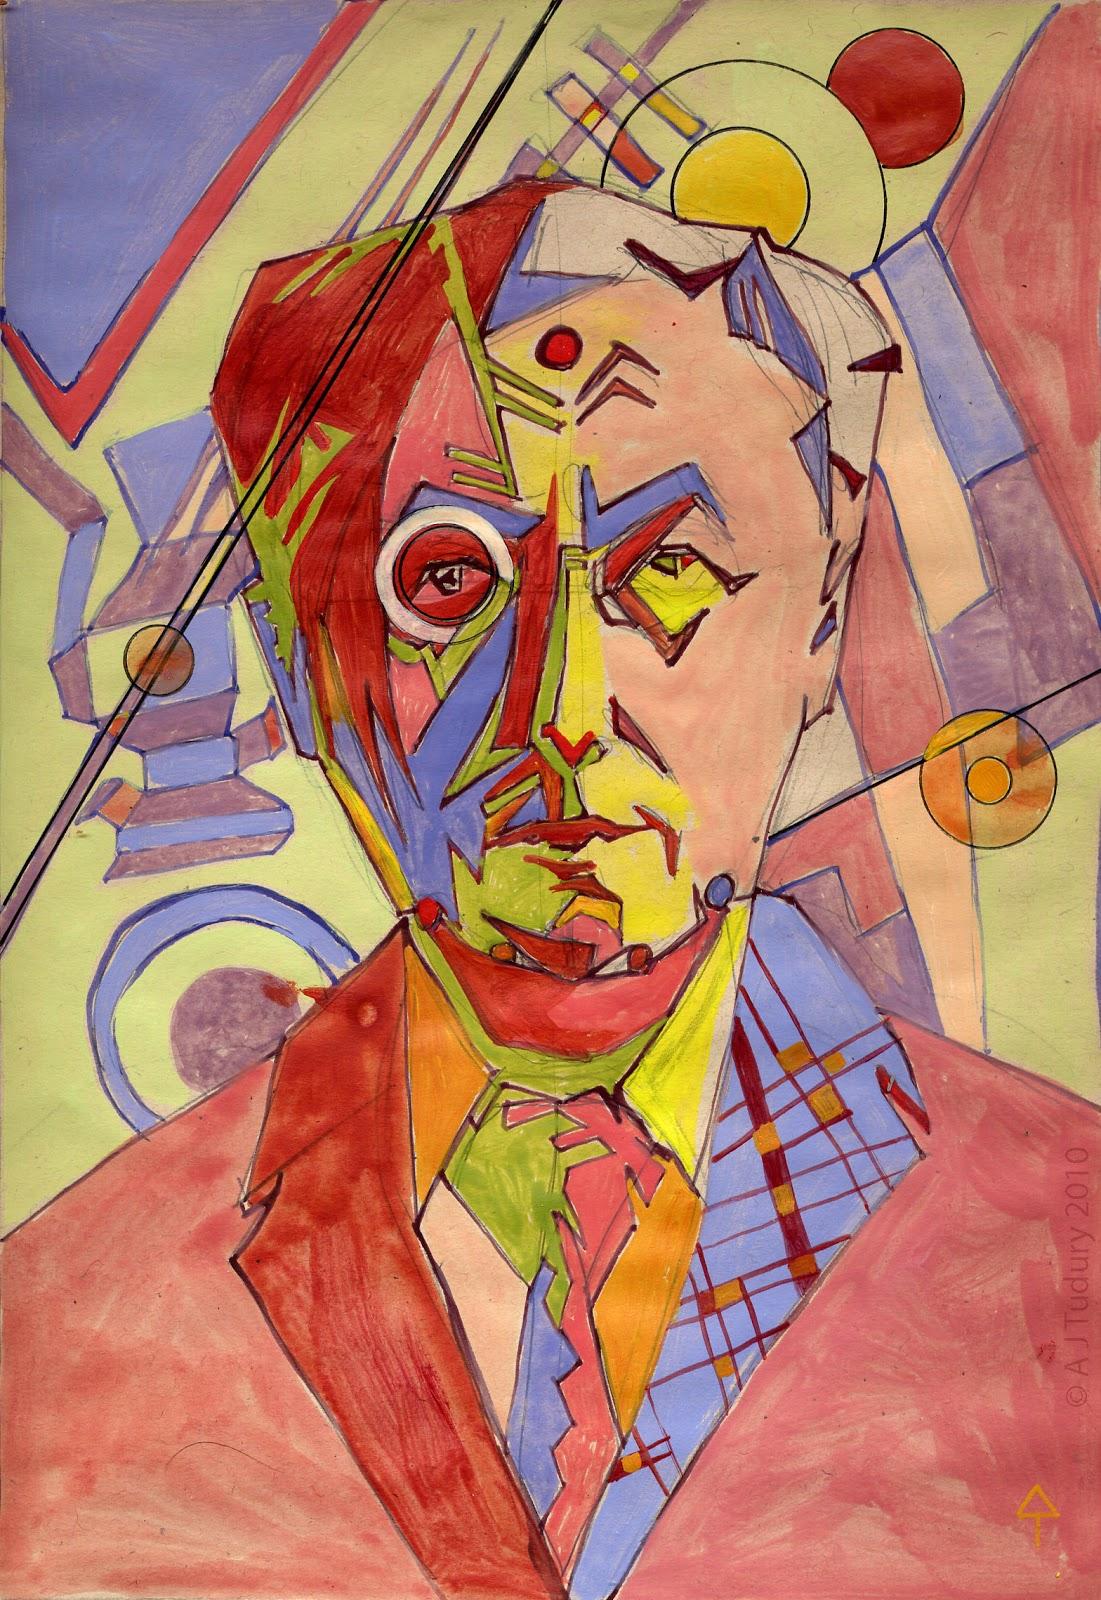 Vassily+Kandinsky+2010+w+copyright.jpg